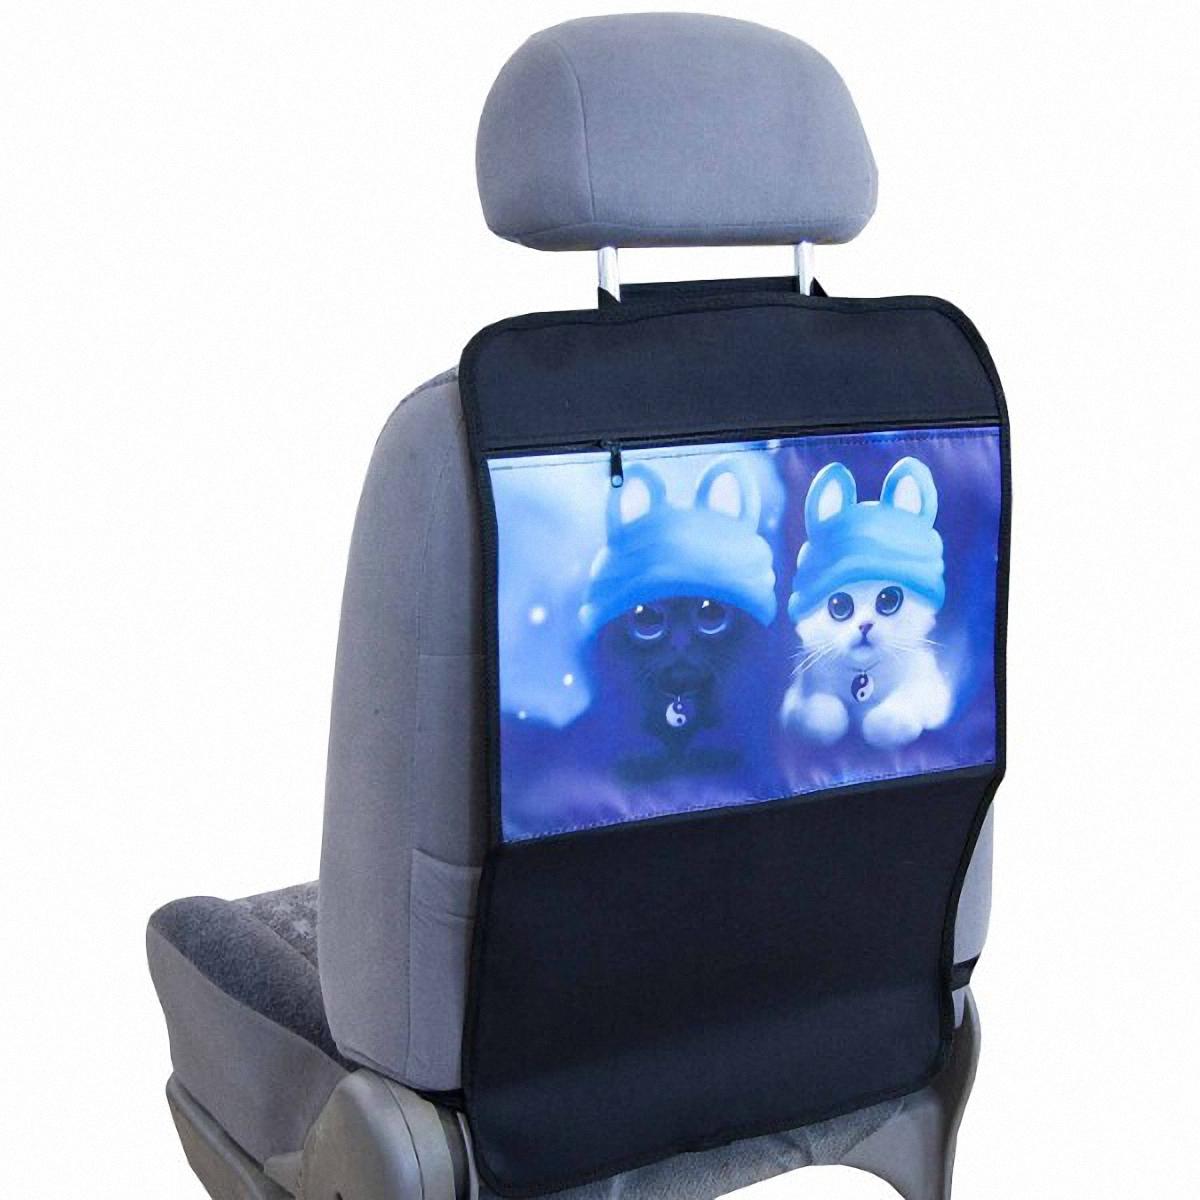 Накидка-органайзер защитная Skyway, на спинку сидения, 37 х 55 см. S06101005V015/5-2Защитная накидка-органайзер Skyway изготовлена из материалов, отличающихся высокими эксплуатационными характеристиками, благодаря чему в течение длительного времени сохраняет презентабельный внешний вид. Ткань накидки устойчива к механическому воздействию, а также является достаточно прочной и плотной для того, чтобы не пропустить жидкости и другие источники загрязнений к обивке сидений. А красочный рисунок не даст заскучать вашему ребенку в дальней дороге.Размер изделия: 37 х 55 см.